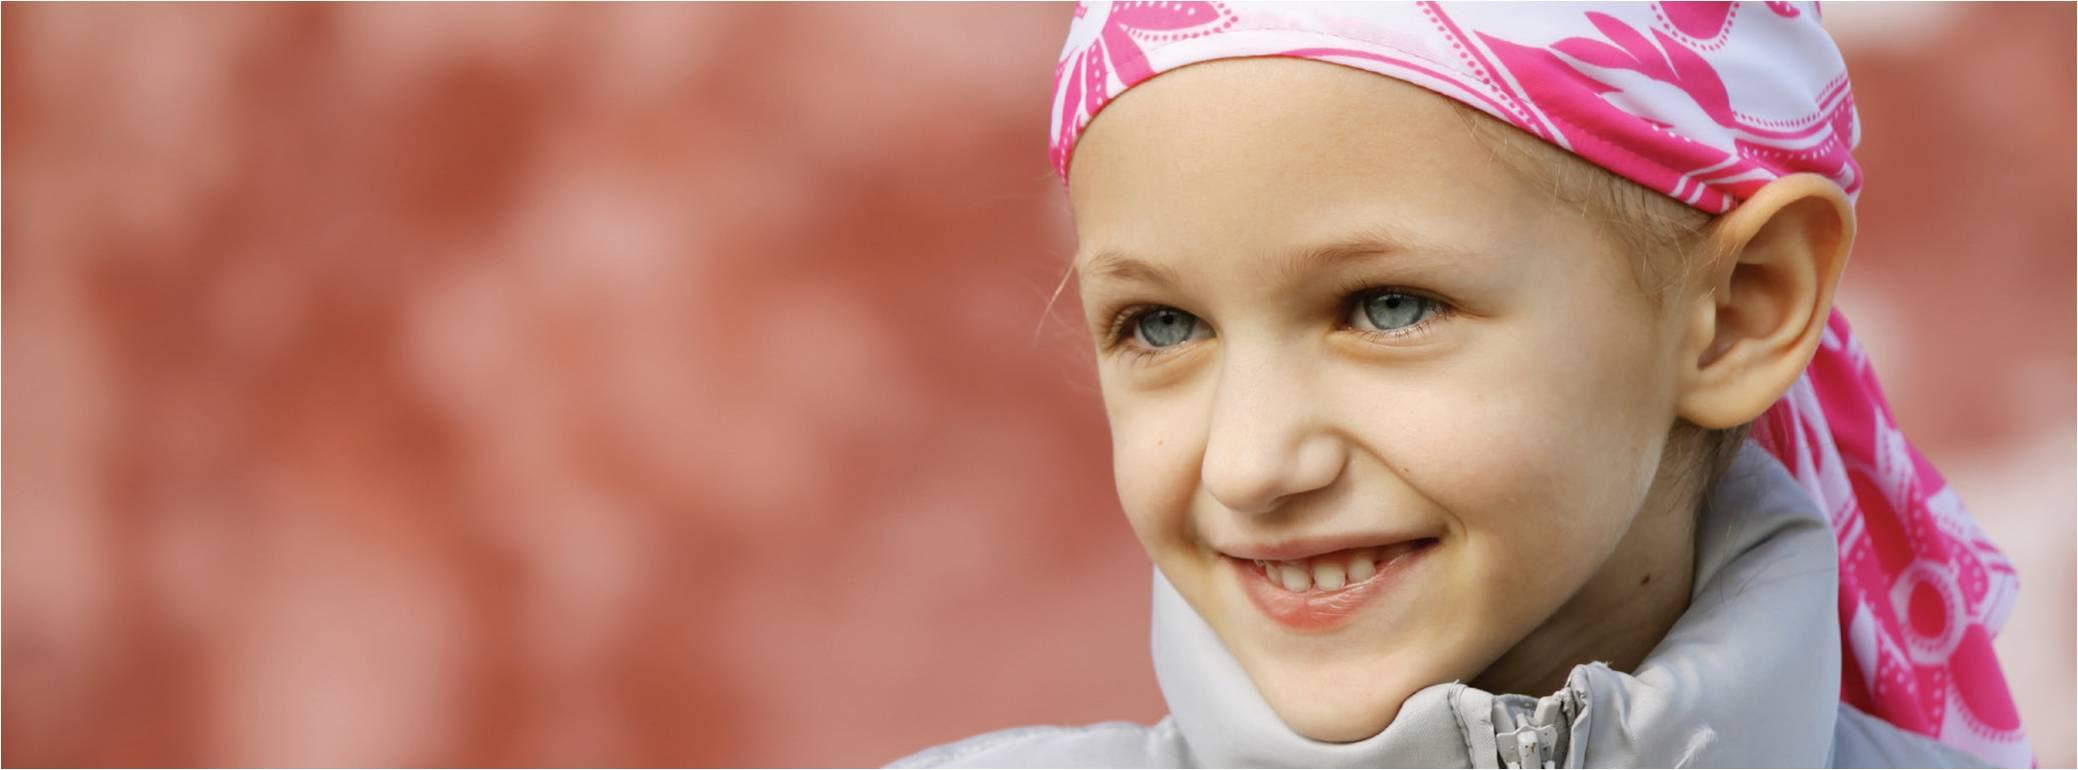 FOTO: Menina com lenço na cabeça sorrindo